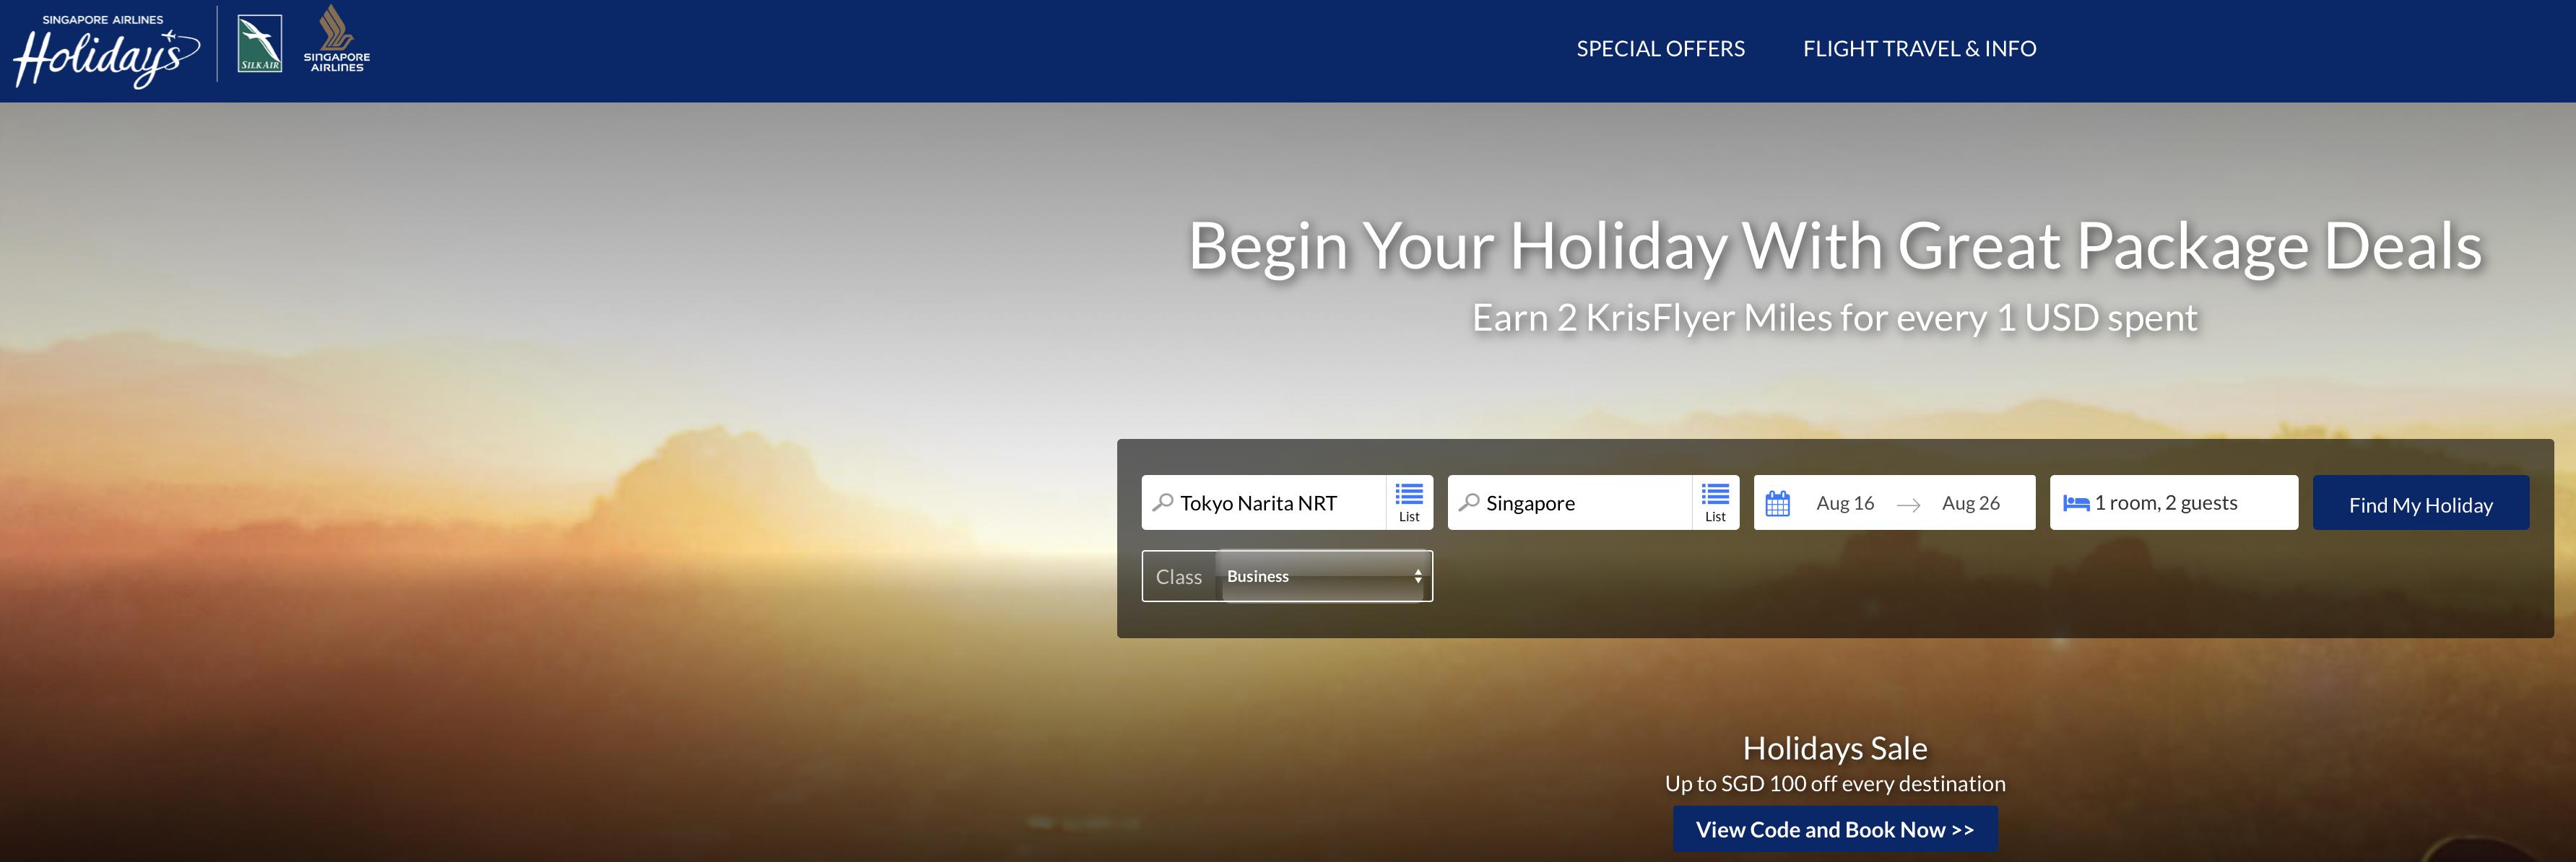 シンガポール航空(SQ)のパッケージツアーサイト「Singapore Airlines Holidays」がオープン